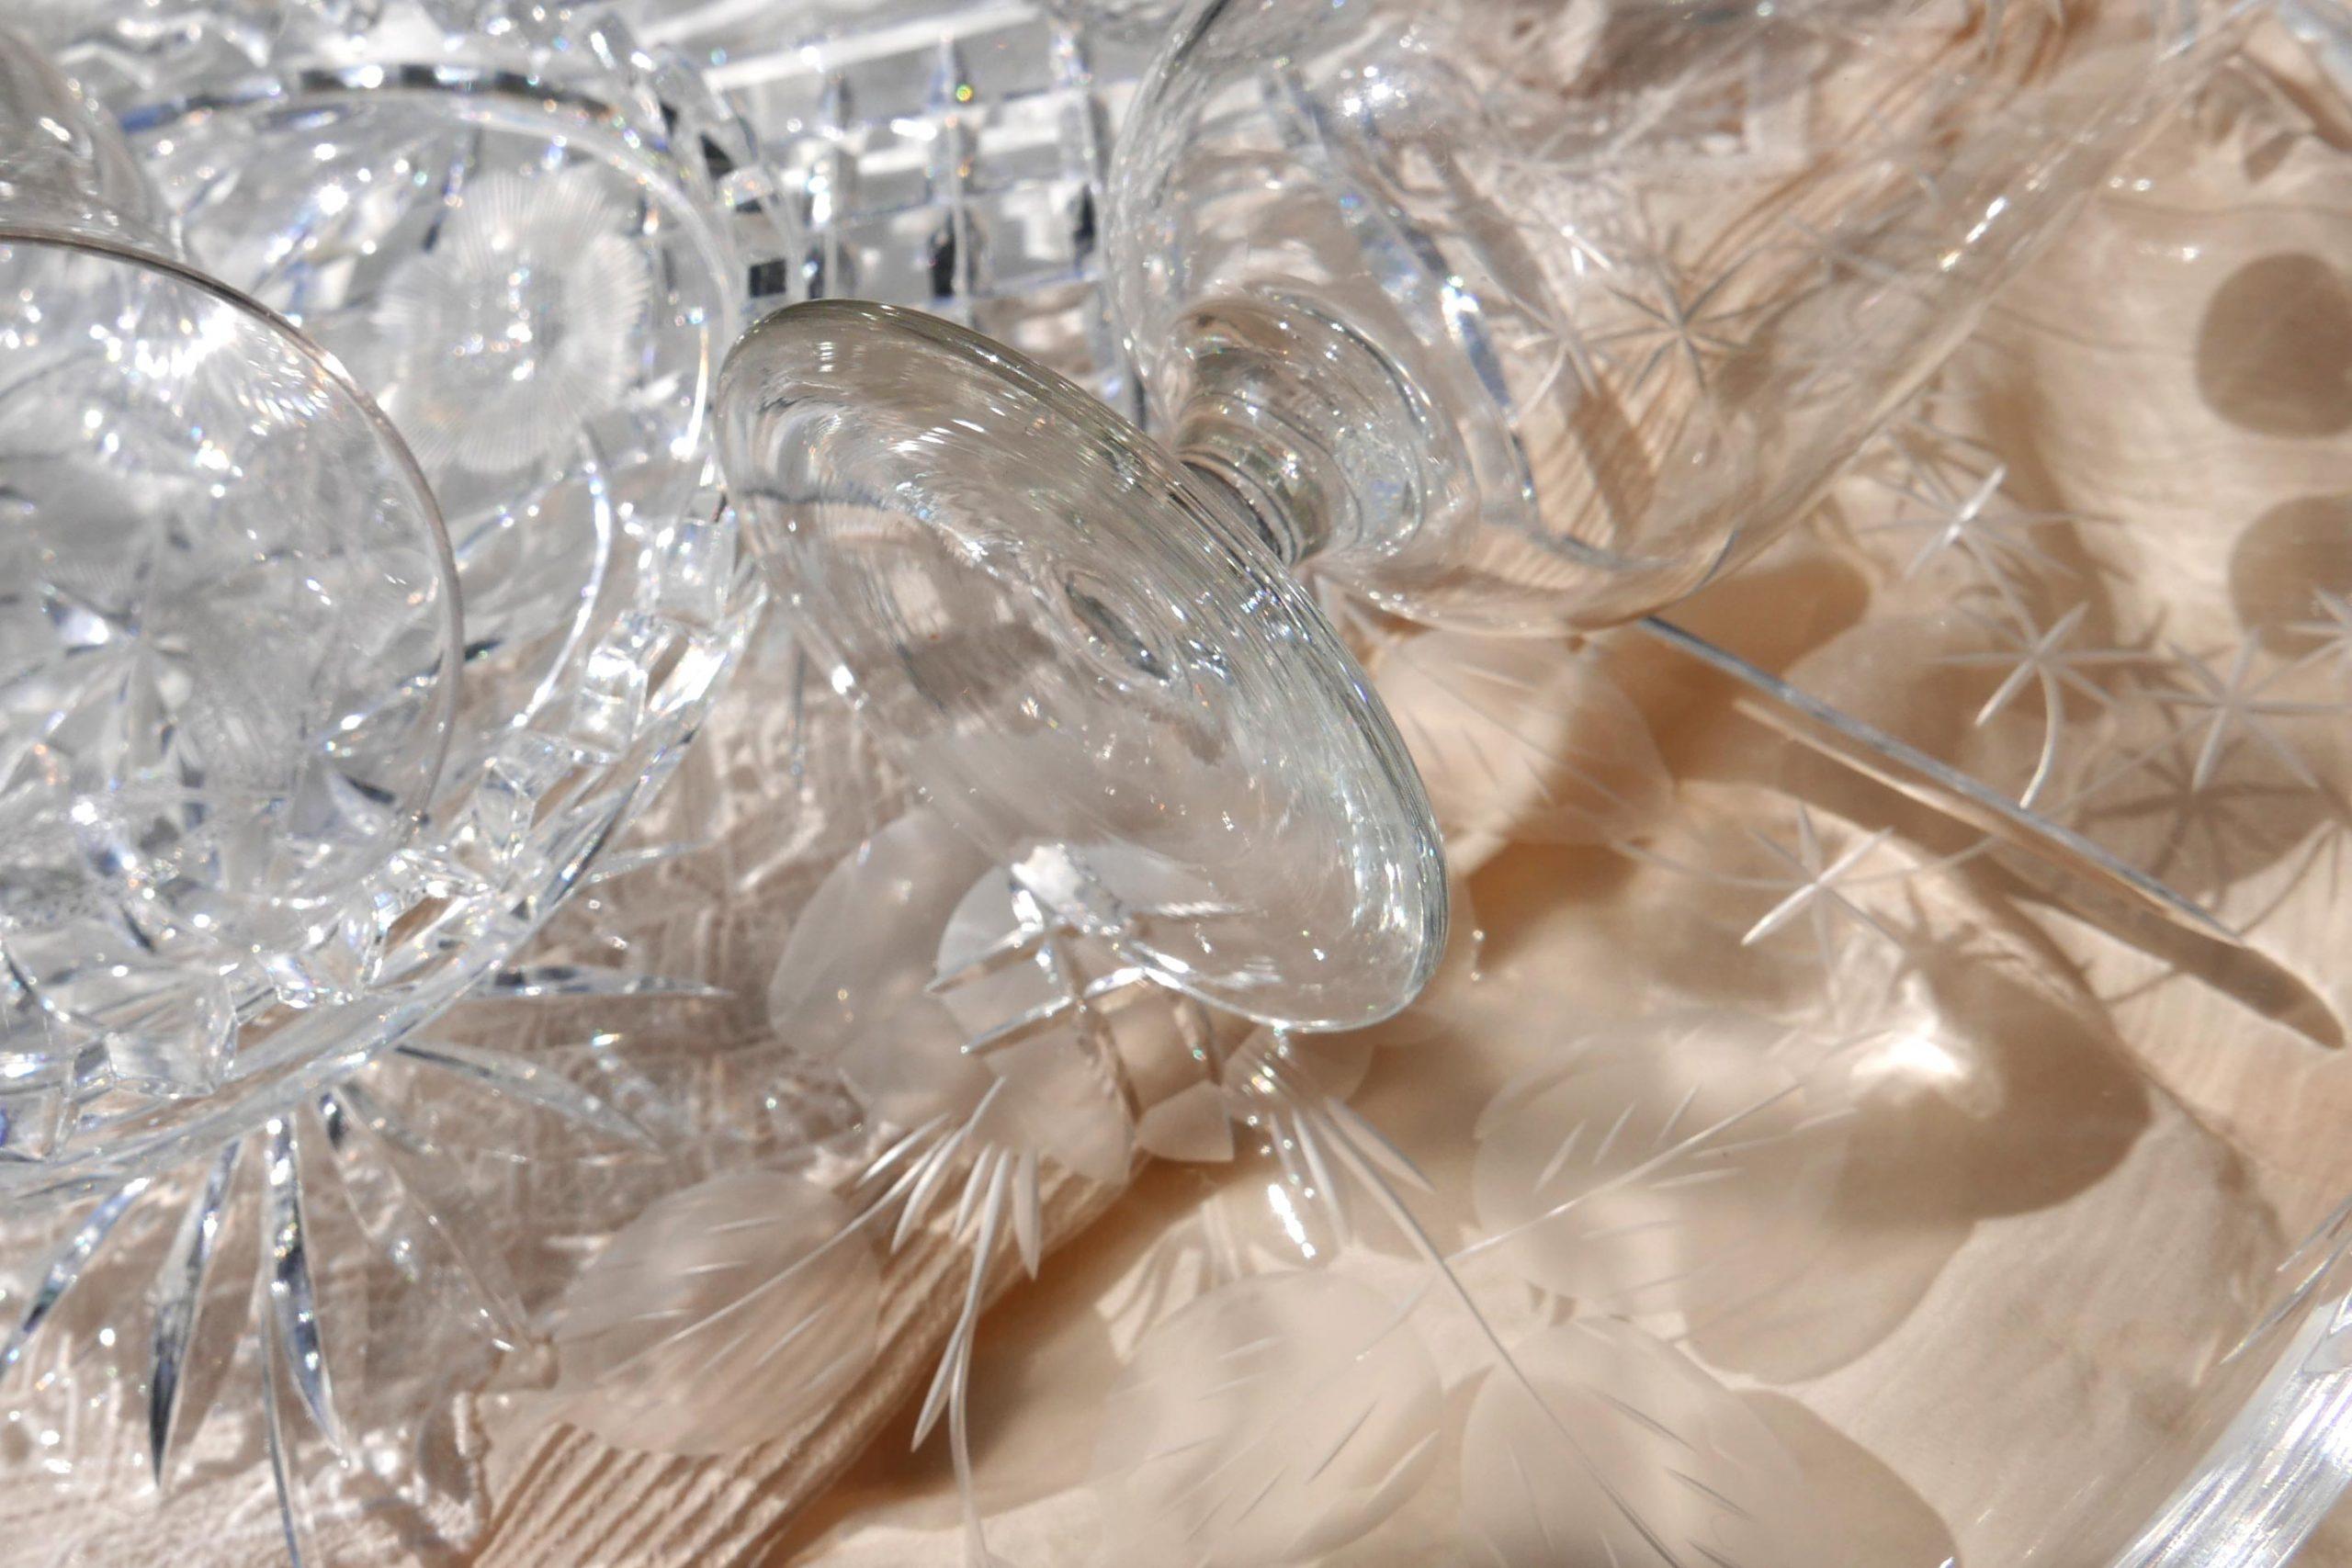 Kristallglas Weinglas Verlangen nach Klarheit